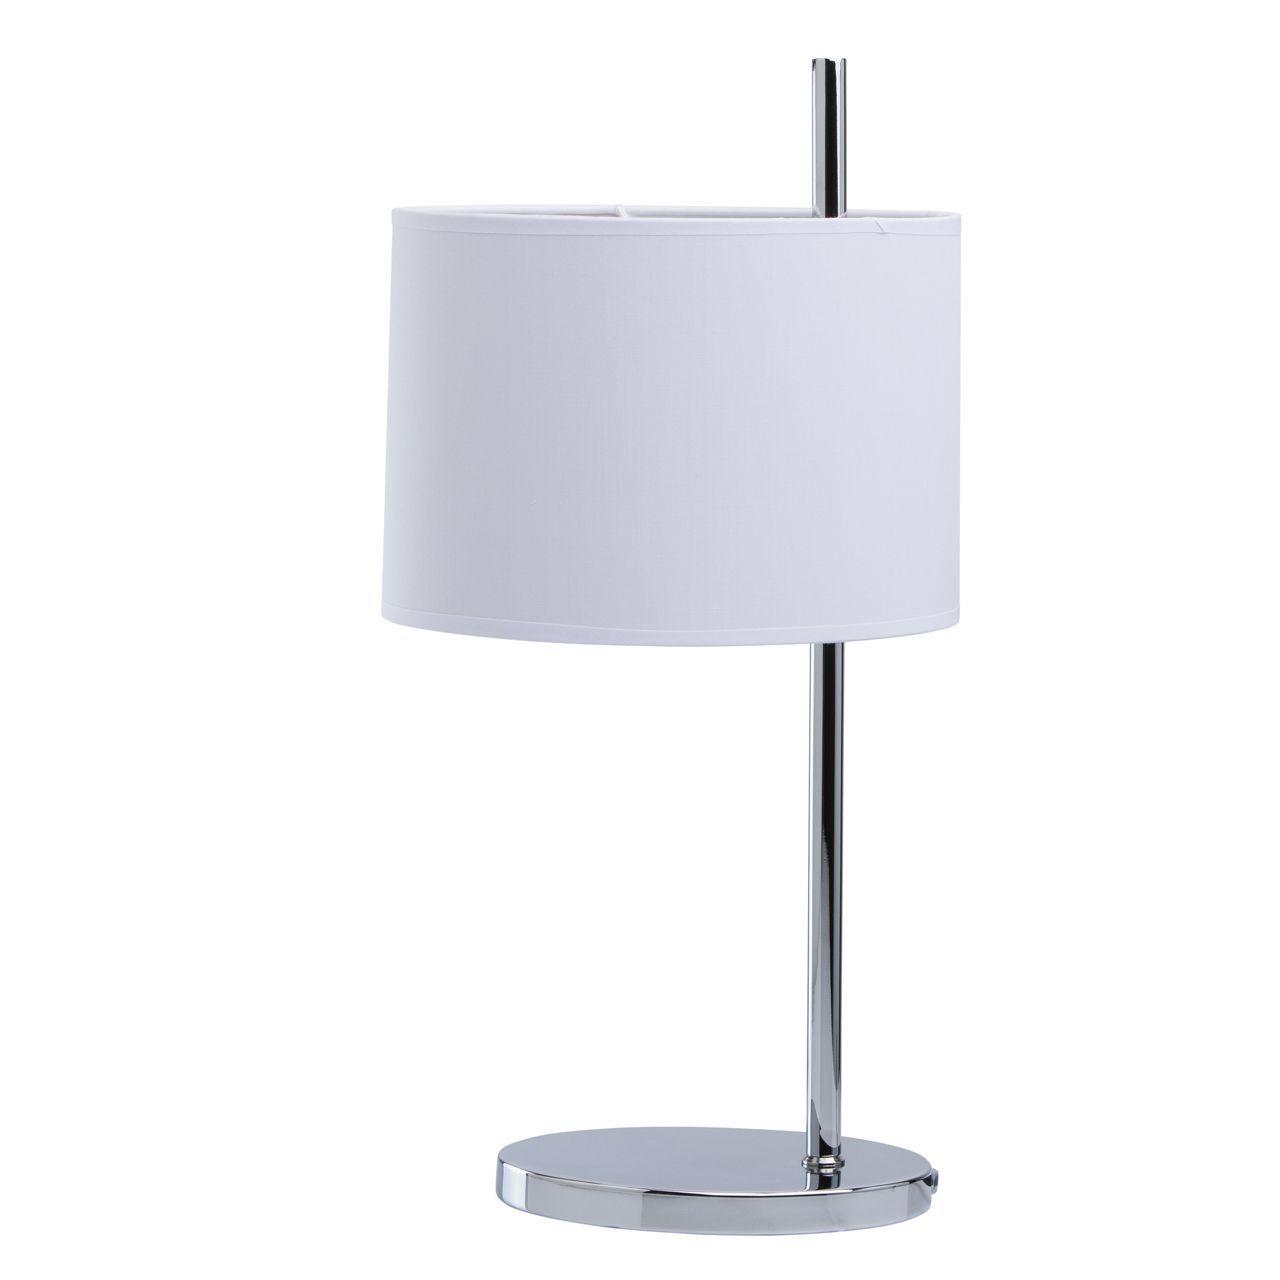 lampe de chevet destructur e m tal chrom abat jour tissu blanc. Black Bedroom Furniture Sets. Home Design Ideas